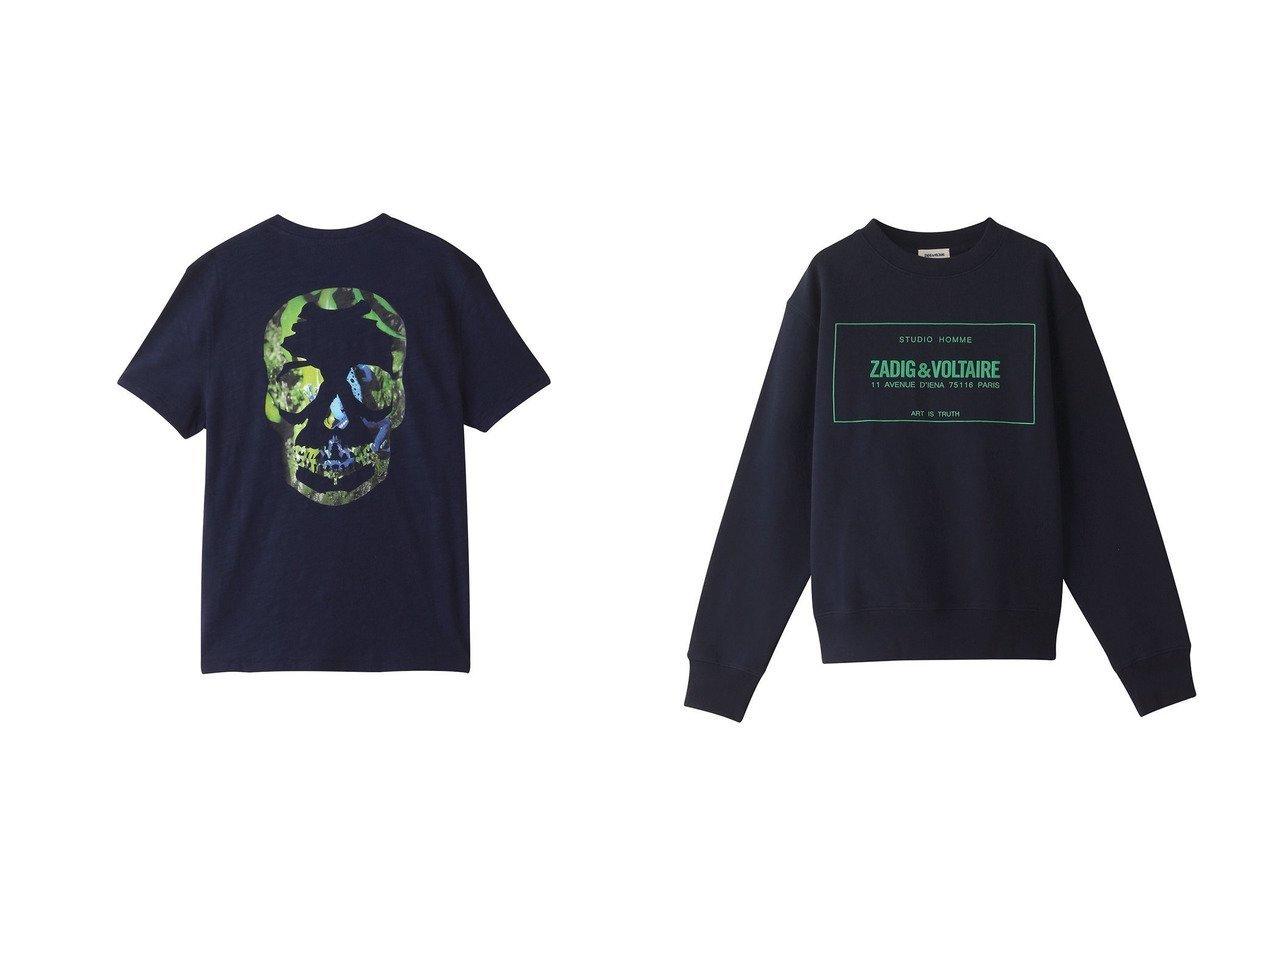 【ZADIG & VOLTAIRE / MEN/ザディグ エ ヴォルテール】の【MEN】SIMBA MO NEW BLASON SWEATSHIRT PRINT DEVANT ニット&【MEN】STOCKHOLM FLAMME TDM PHOTOPRINT T-SHIRT POCHE POIT Tシャツ 【MEN】ZADIG & VOLTAIREのおすすめ!人気トレンド・男性、メンズファッションの通販 おすすめで人気の流行・トレンド、ファッションの通販商品 メンズファッション・キッズファッション・インテリア・家具・レディースファッション・服の通販 founy(ファニー) https://founy.com/ ファッション Fashion メンズファッション MEN トップス Tops Tshirt Men シャツ Shirts ニット Knit Tops パーカ Sweats 2021年 2021 2021 春夏 S/S SS Spring/Summer 2021 S/S 春夏 SS Spring/Summer ショート スリーブ プリント モチーフ 半袖 春 Spring |ID:crp329100000017446